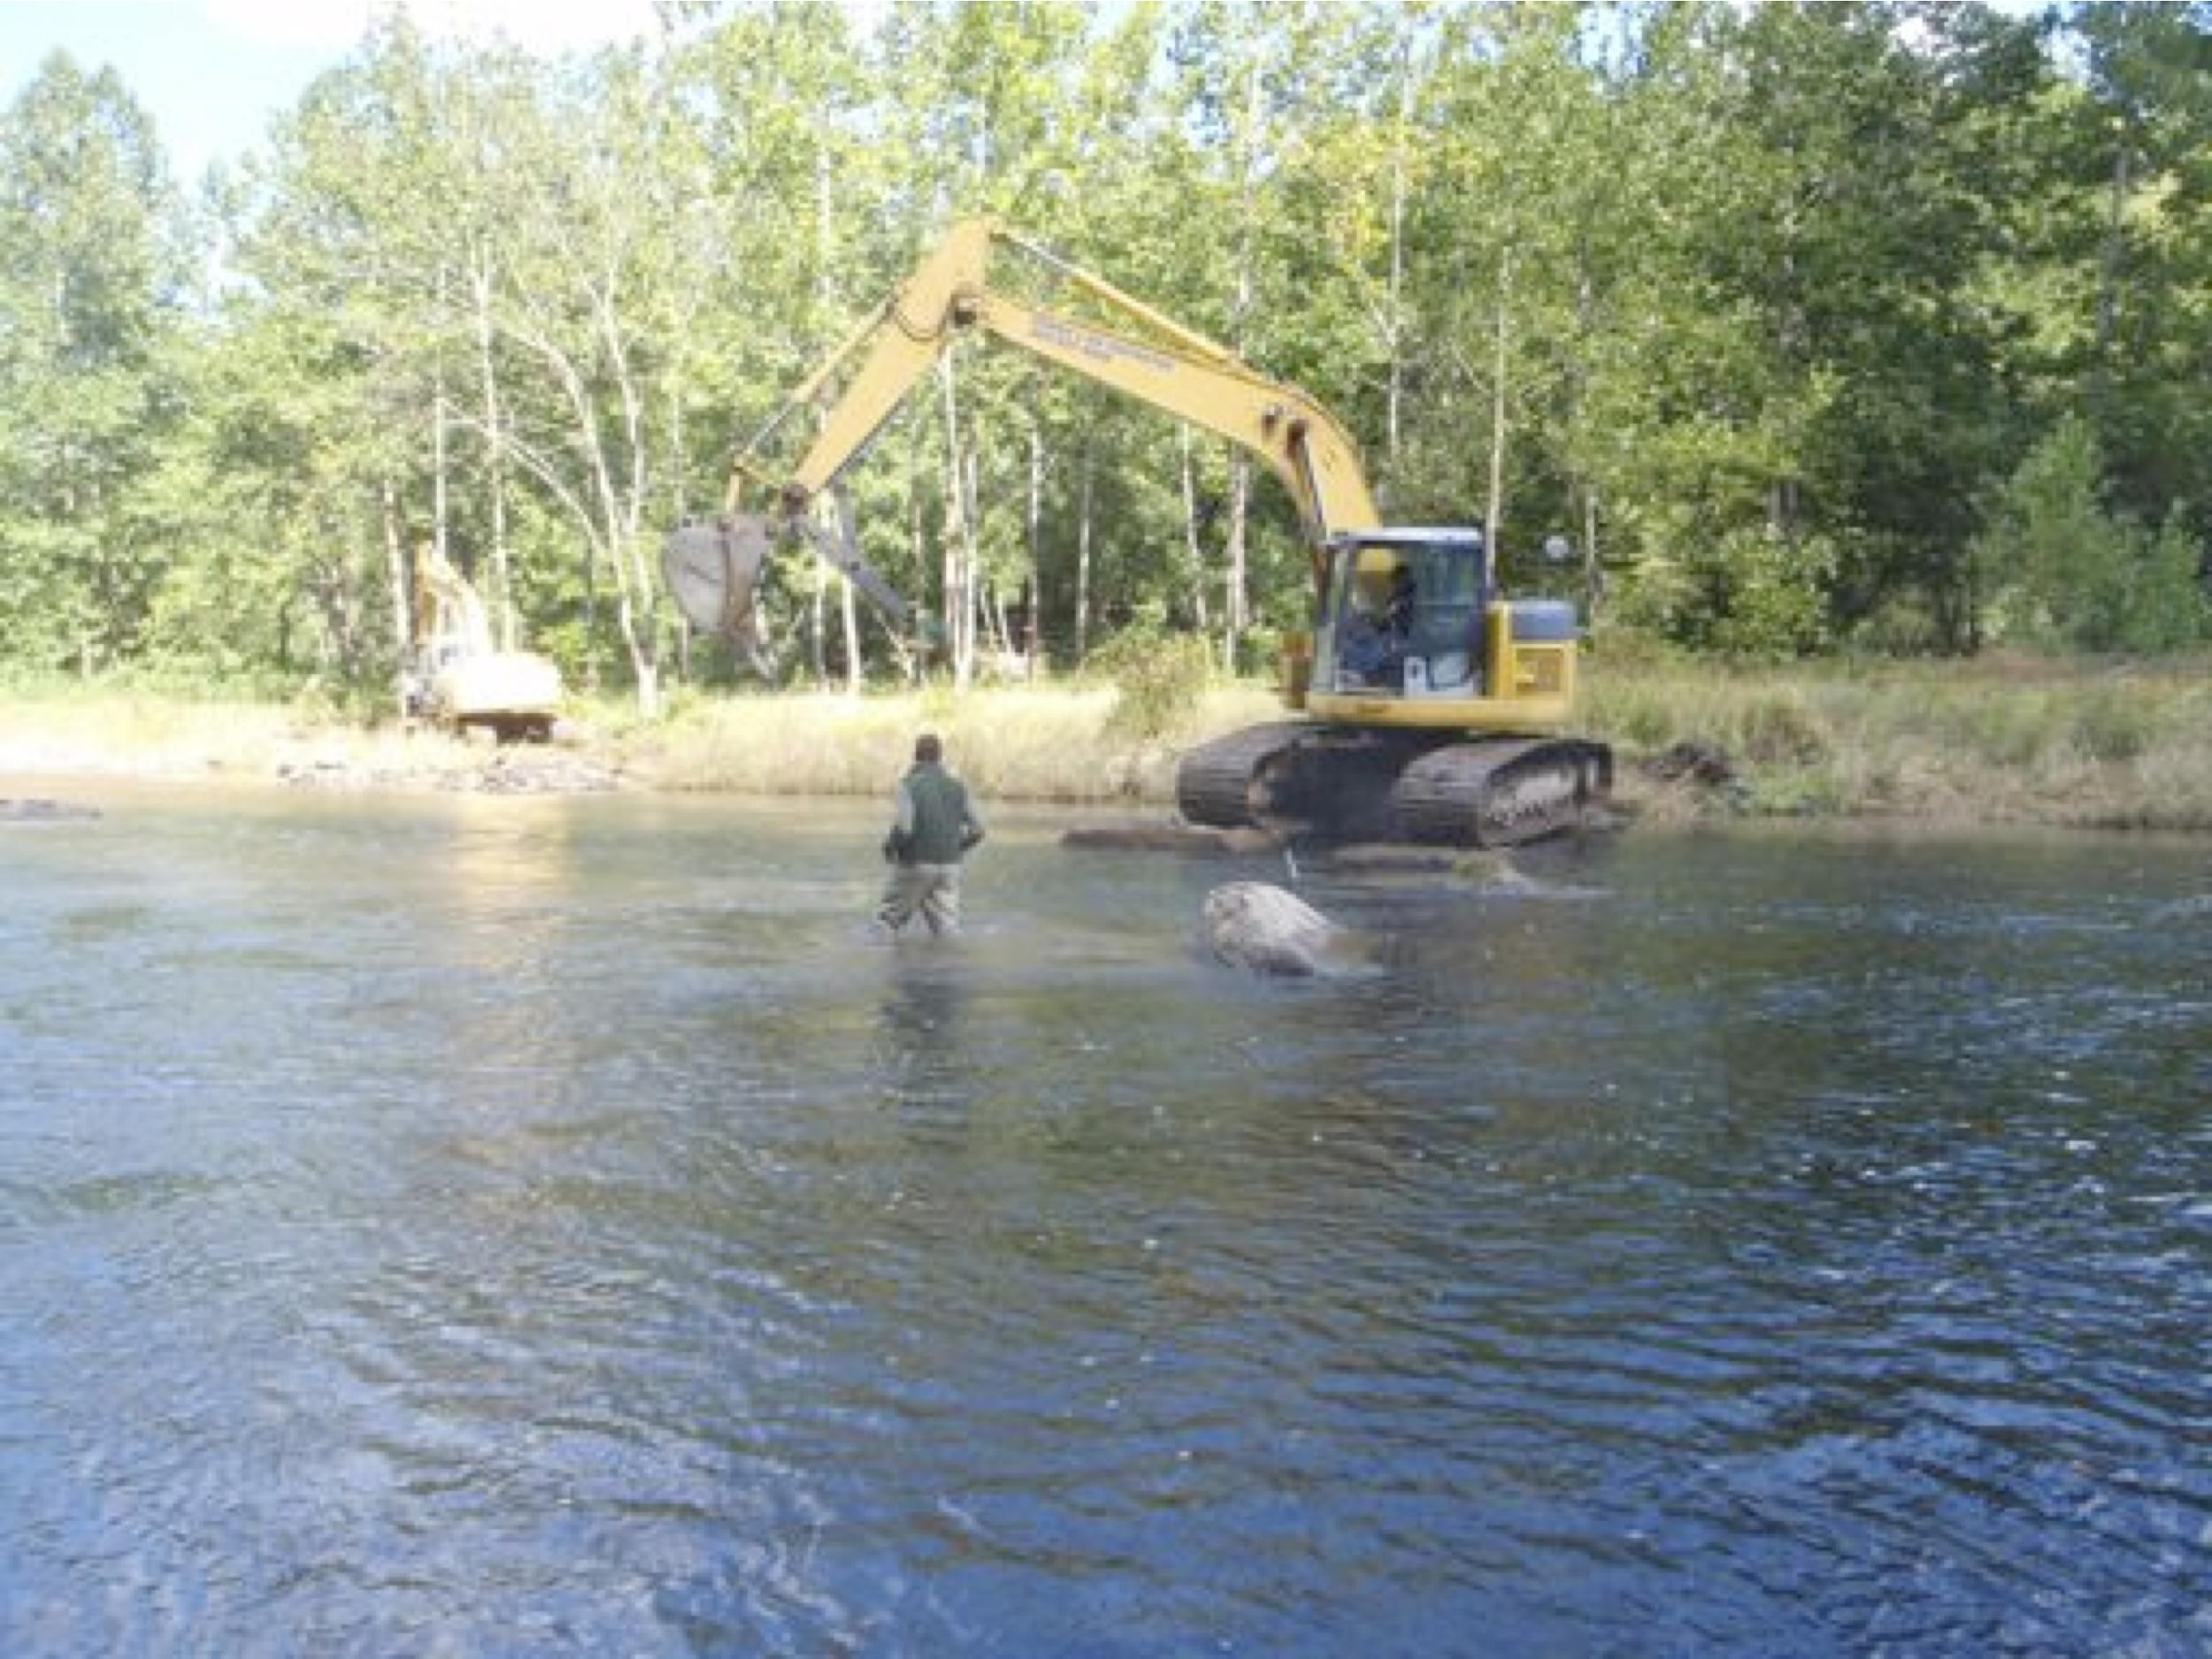 Escavators placing the boulders at 80 cfs.